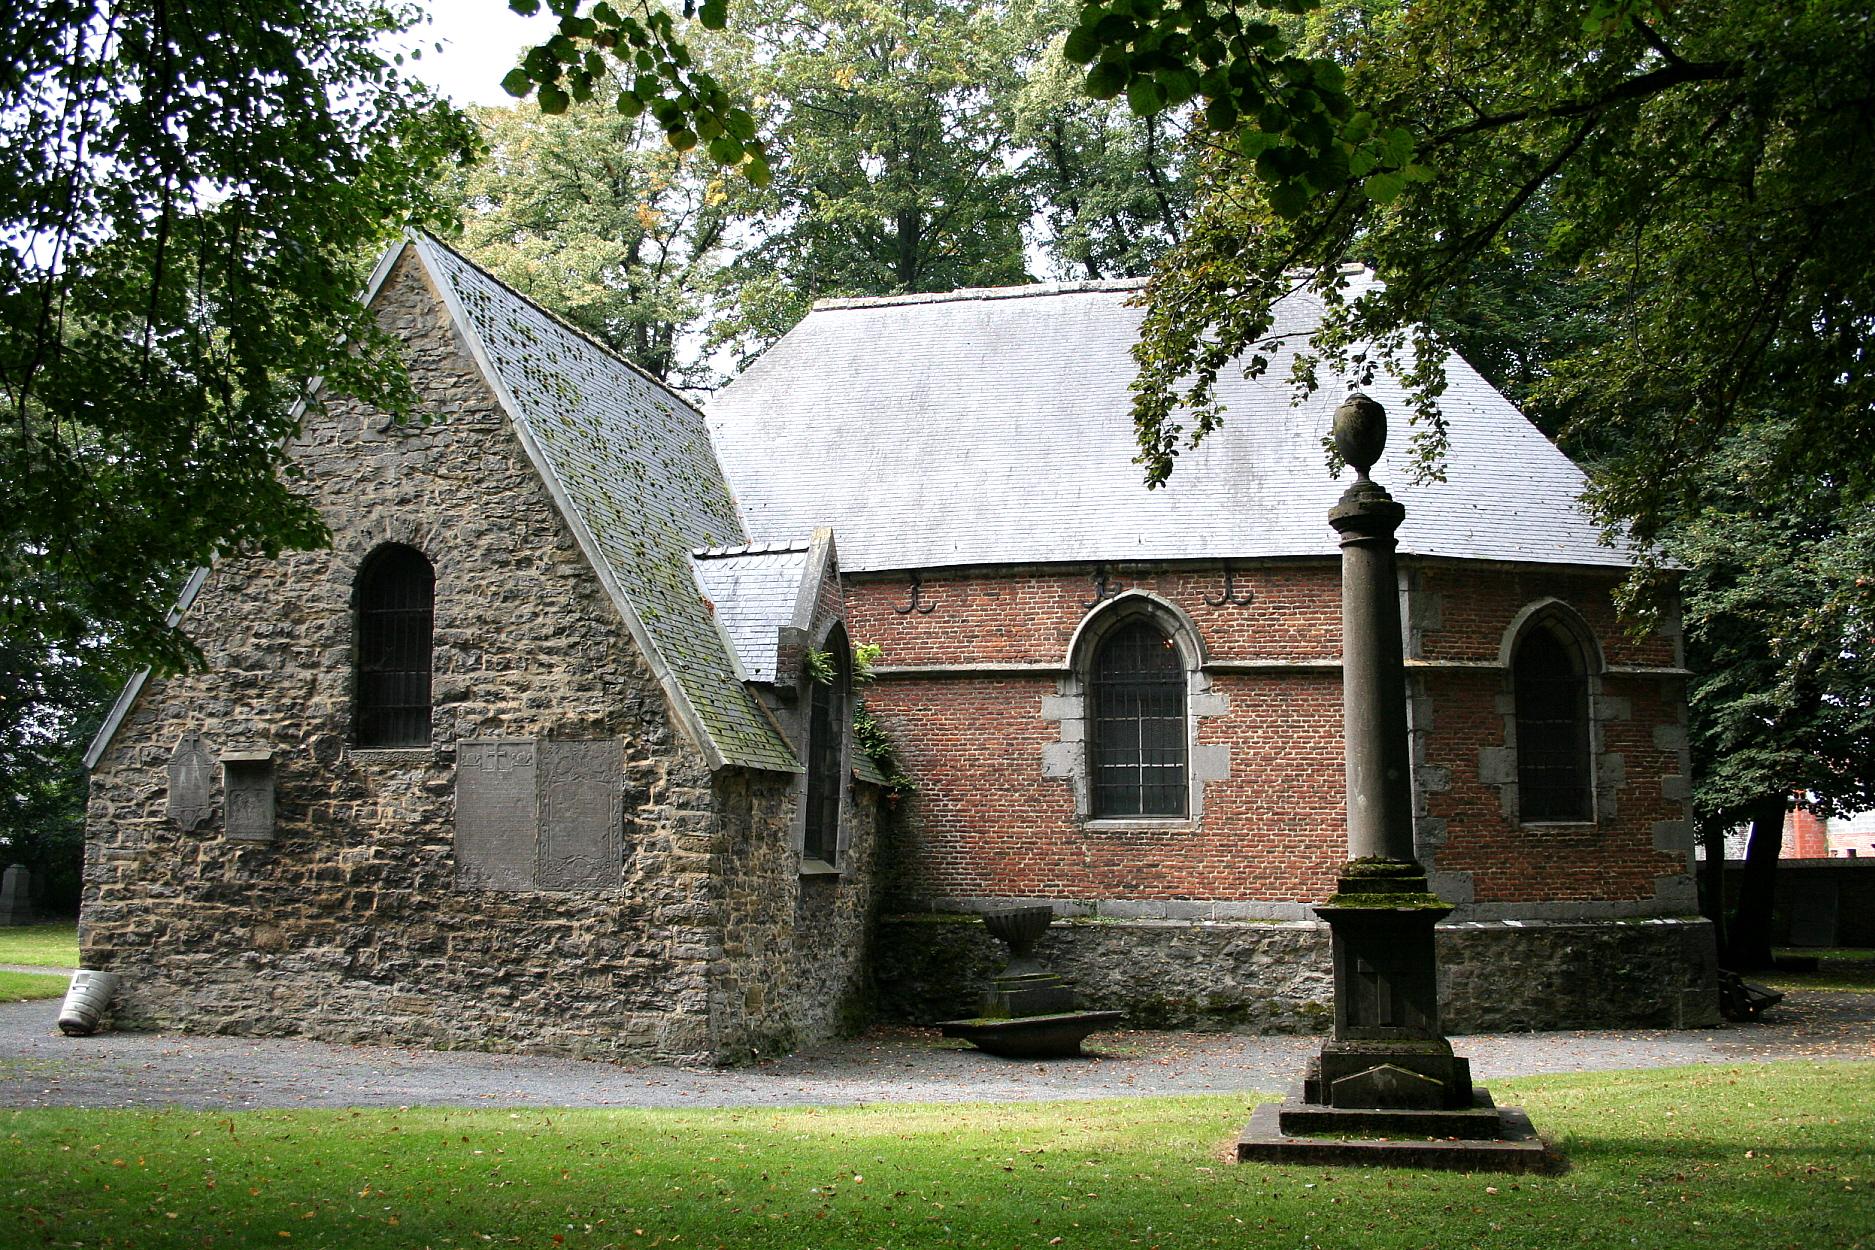 Le vieux cimetière de Soignies - Old cemetery of Soignies - cover